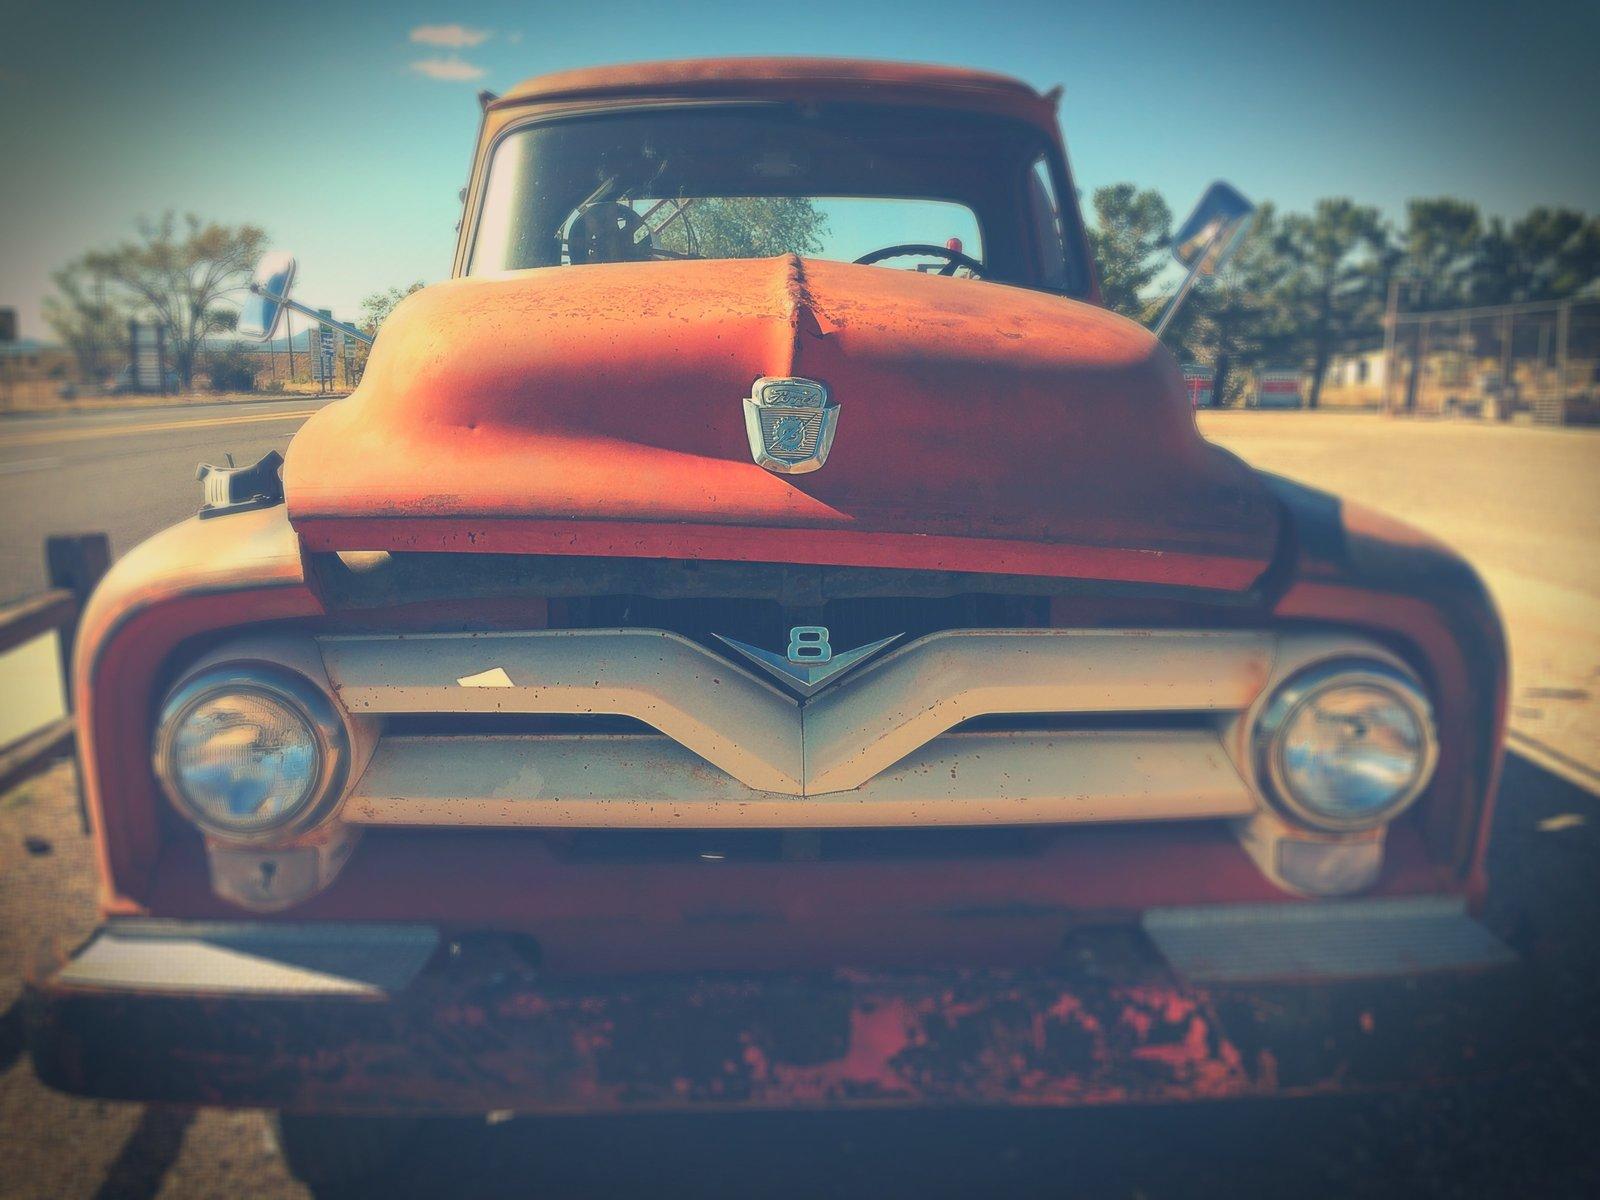 Old Orange Vintage truck